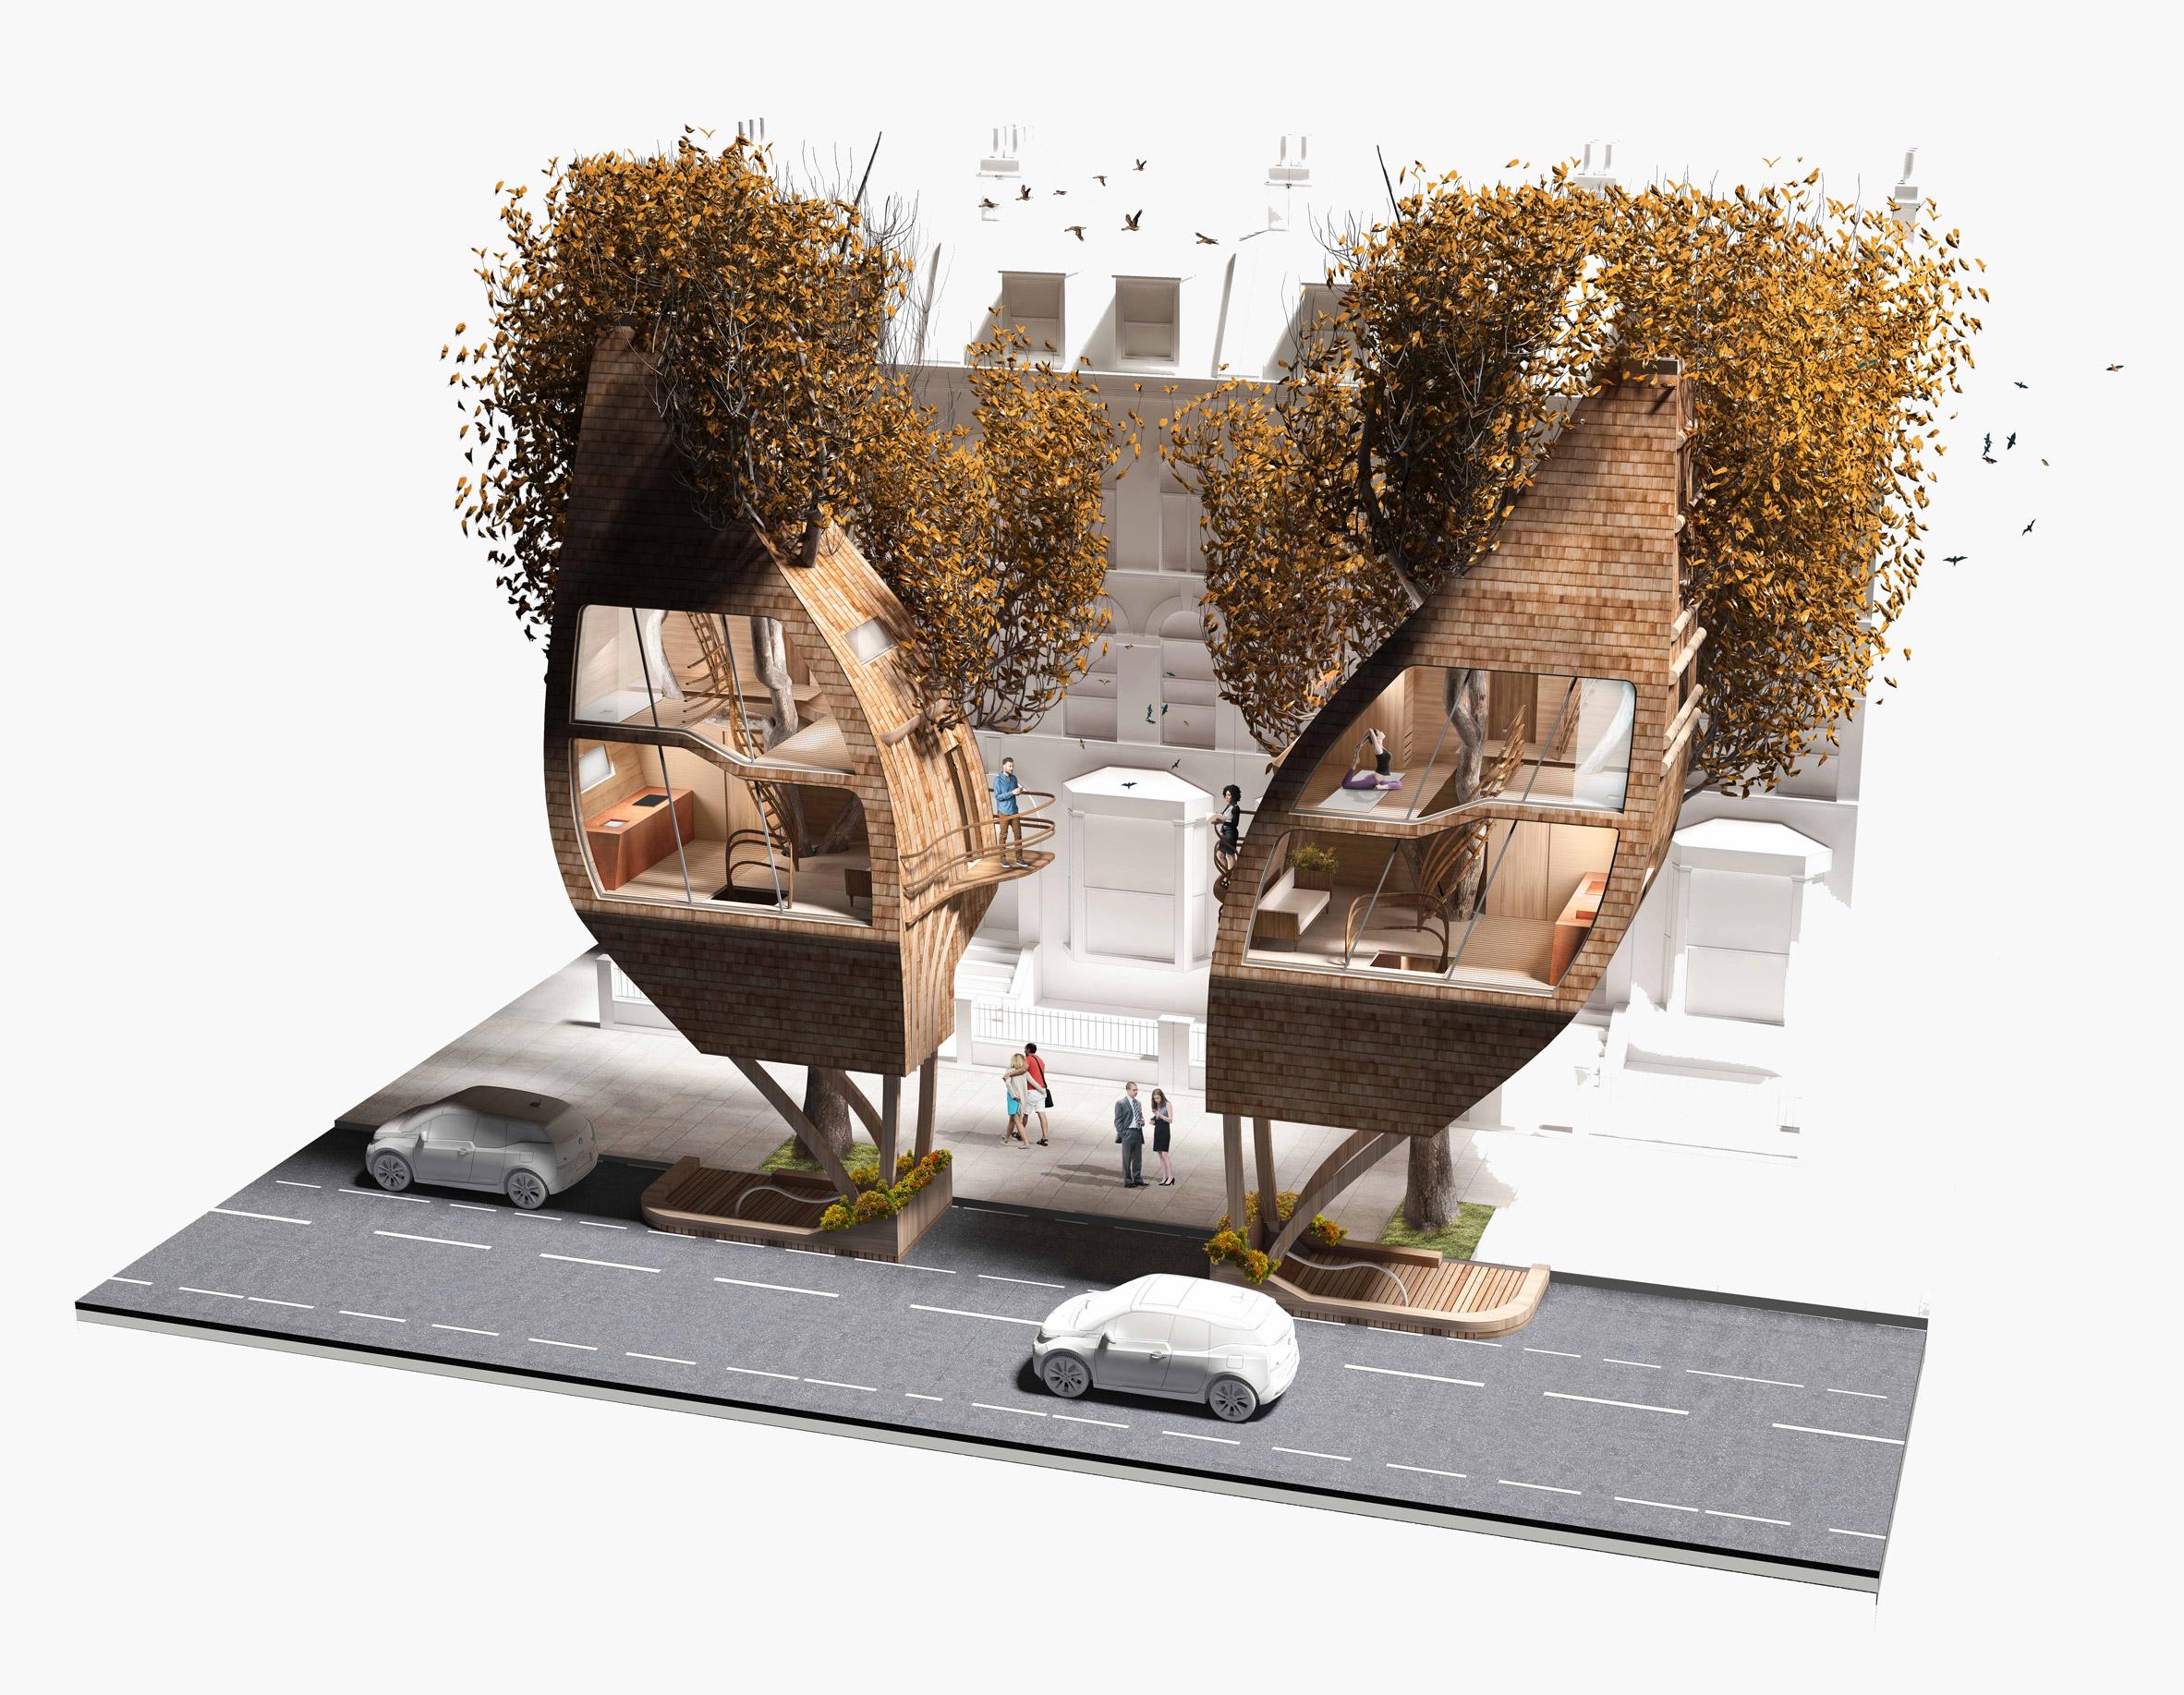 Каждое здание занимает на земле место одной парковки